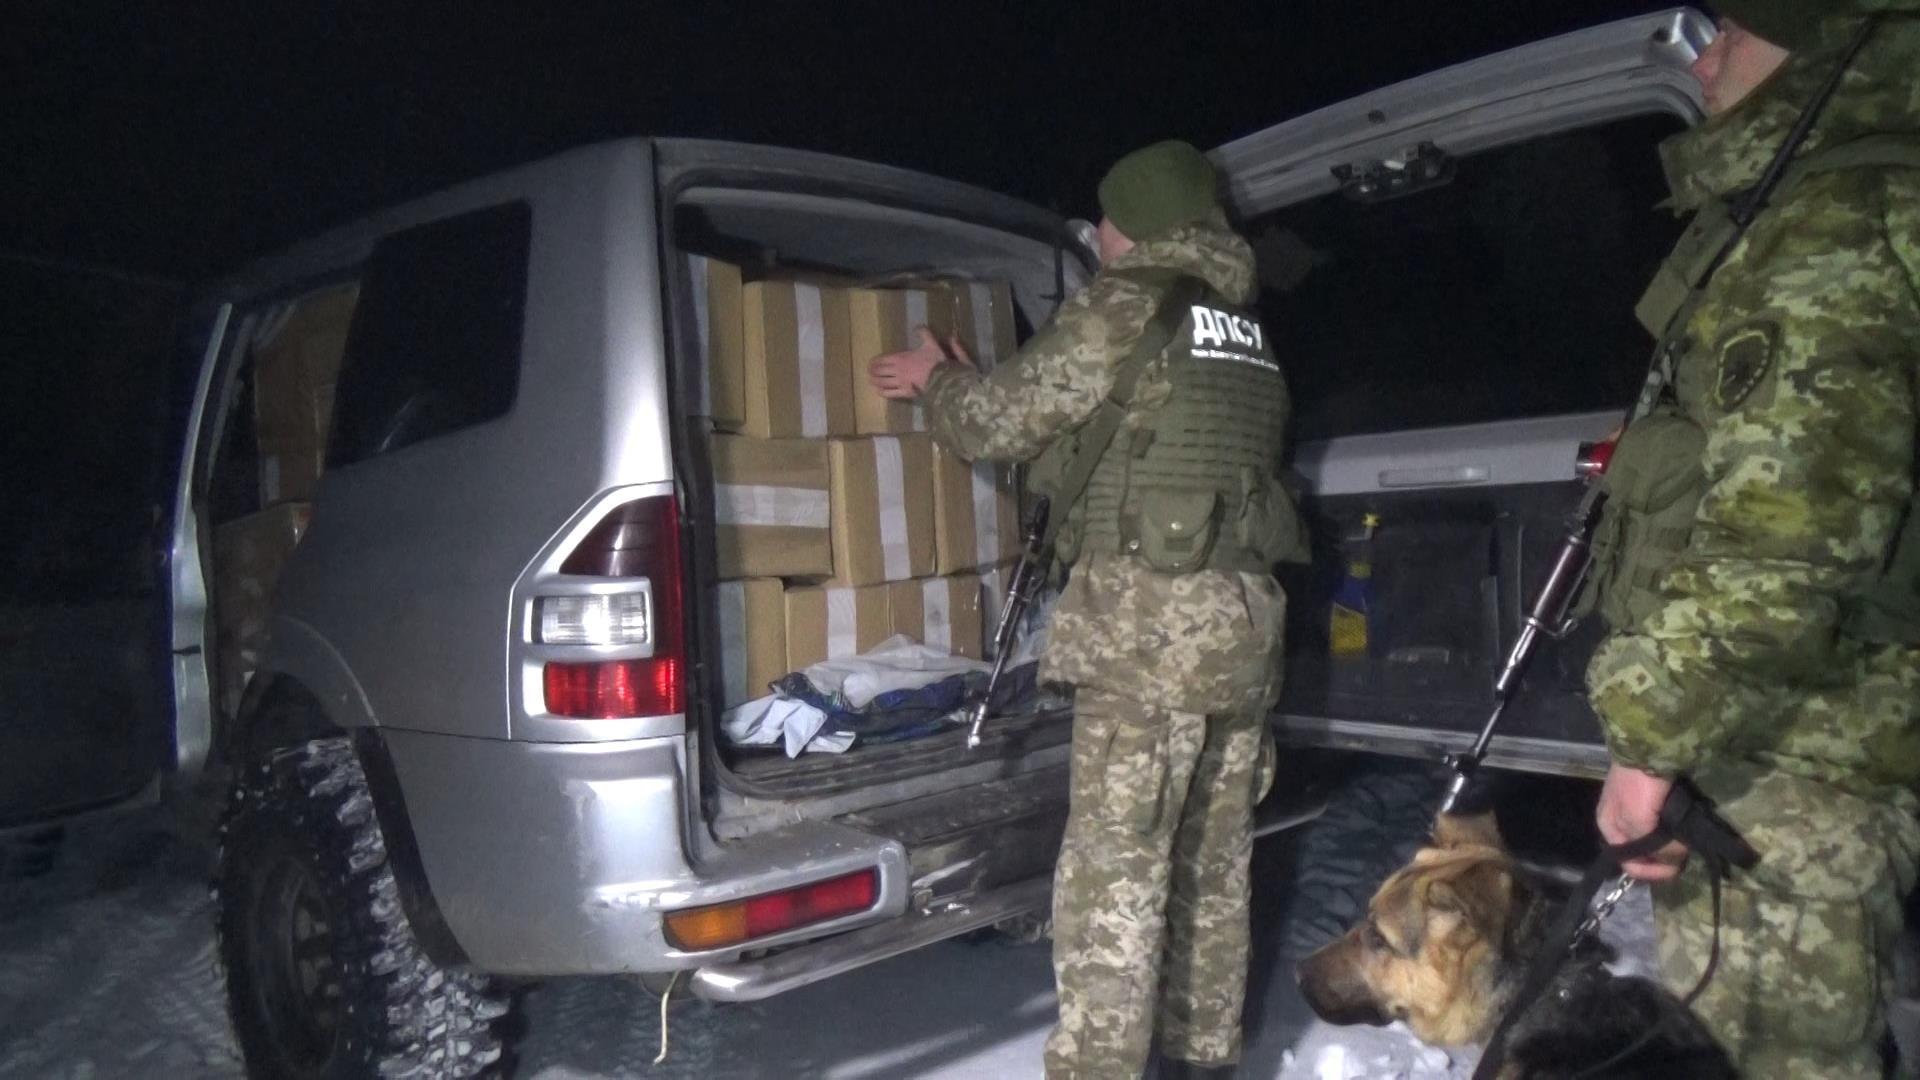 Цигарок на 750 тисяч гривень. Чернівецькі прикордонники затримали правопорушників